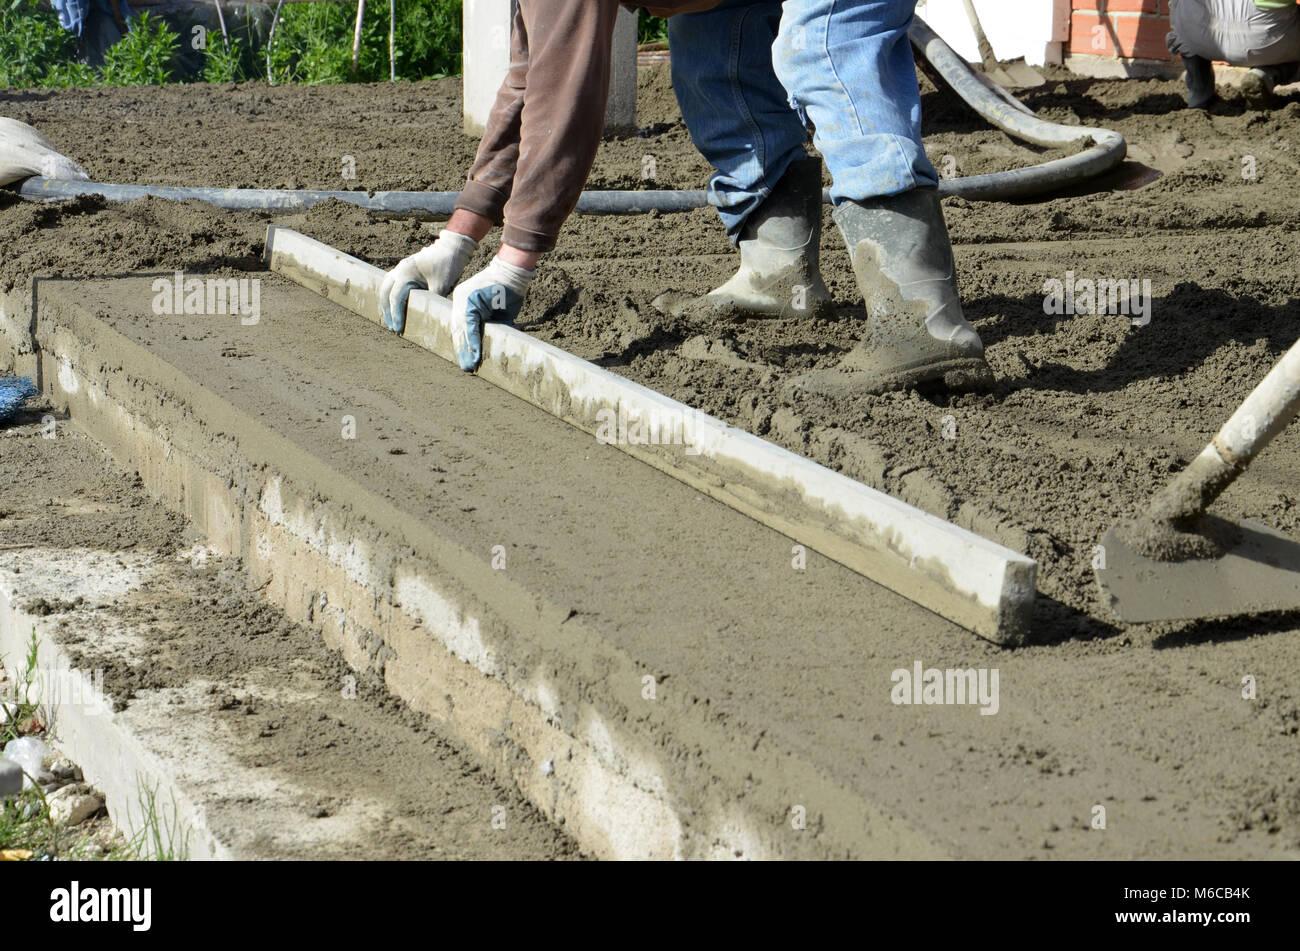 Fabelhaft Bild eines Betonieren der Boden von einem neuen Haus Stockfoto &YP_48